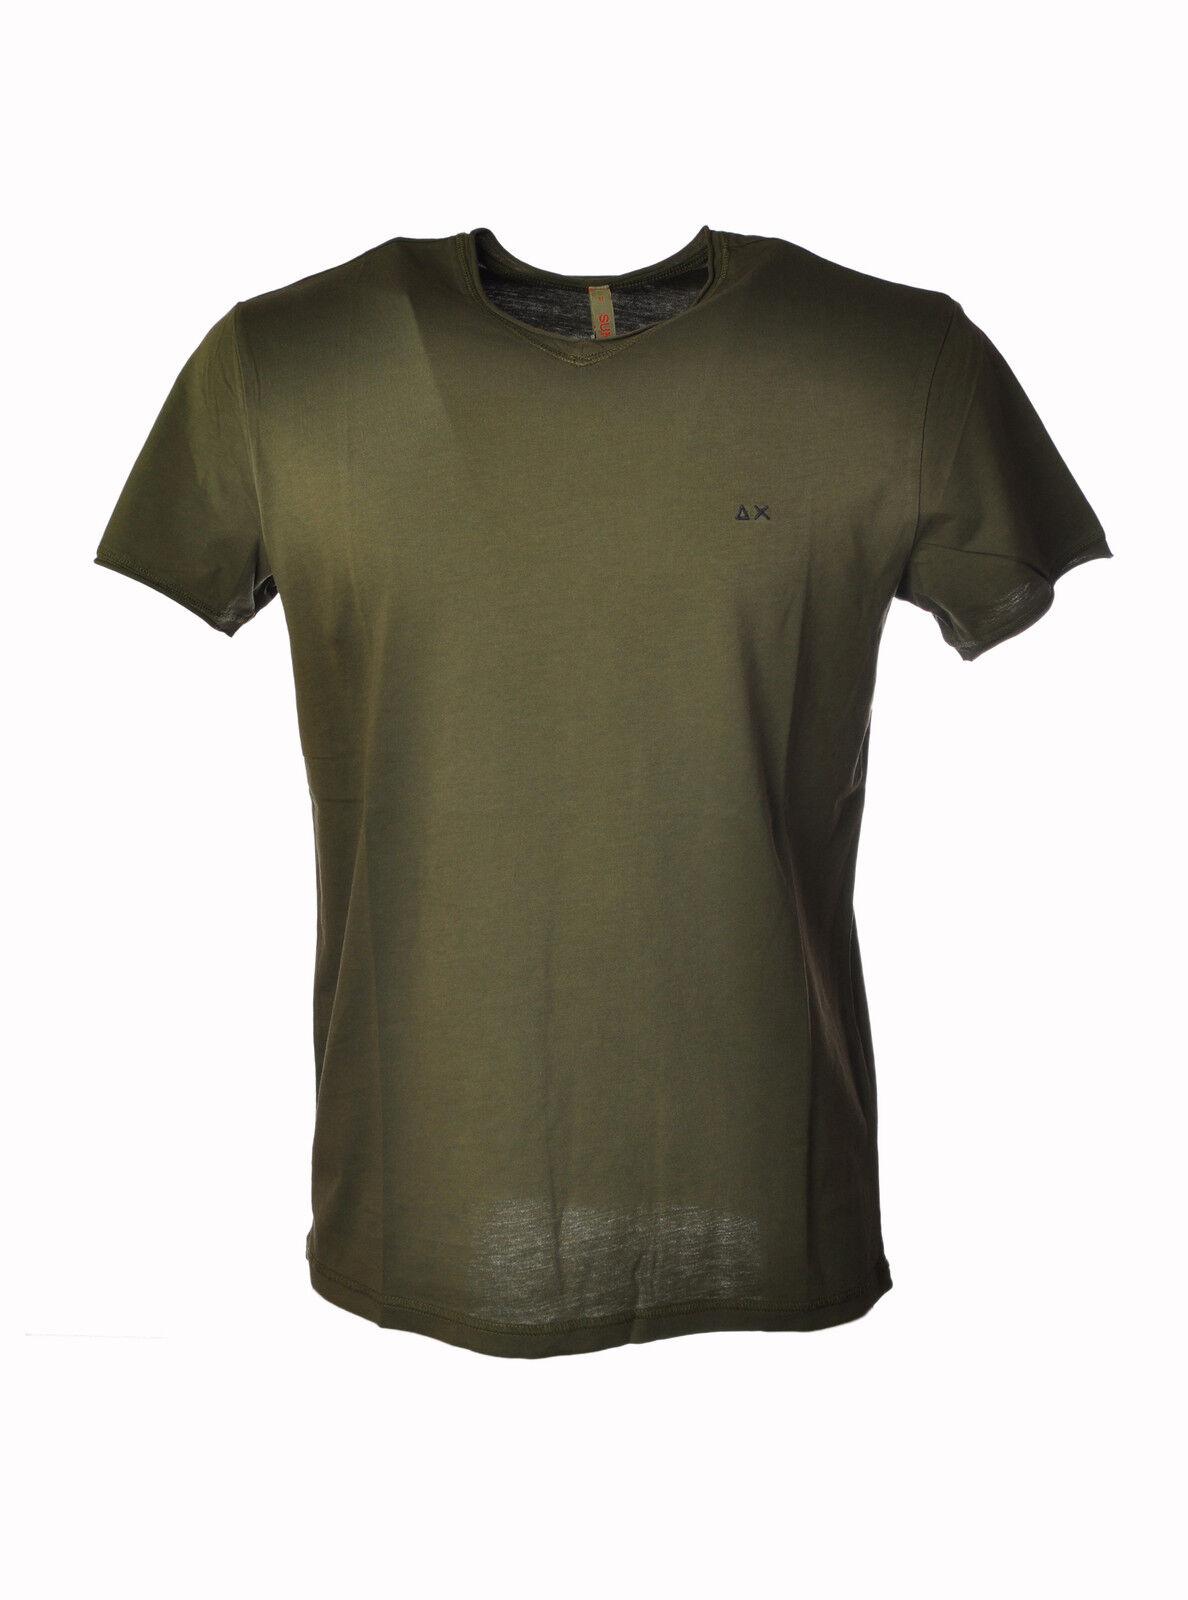 Sun 68 - Topwear-T-shirts -  Herren - Verde - 3200925E184154